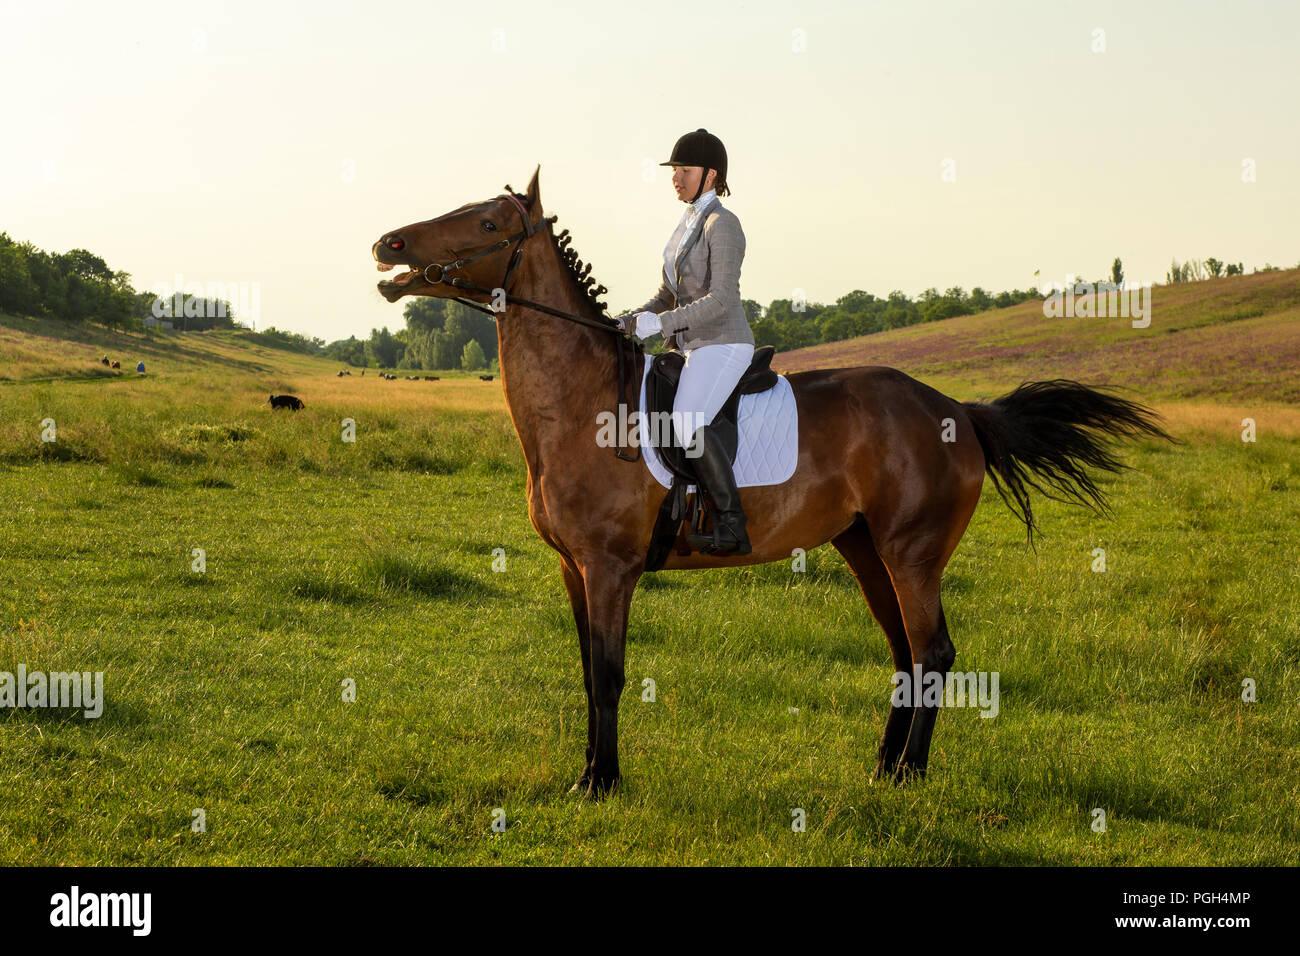 Giovane donna a cavallo sul verde del campo. Passeggiate a cavallo. La concorrenza. Hobby Immagini Stock